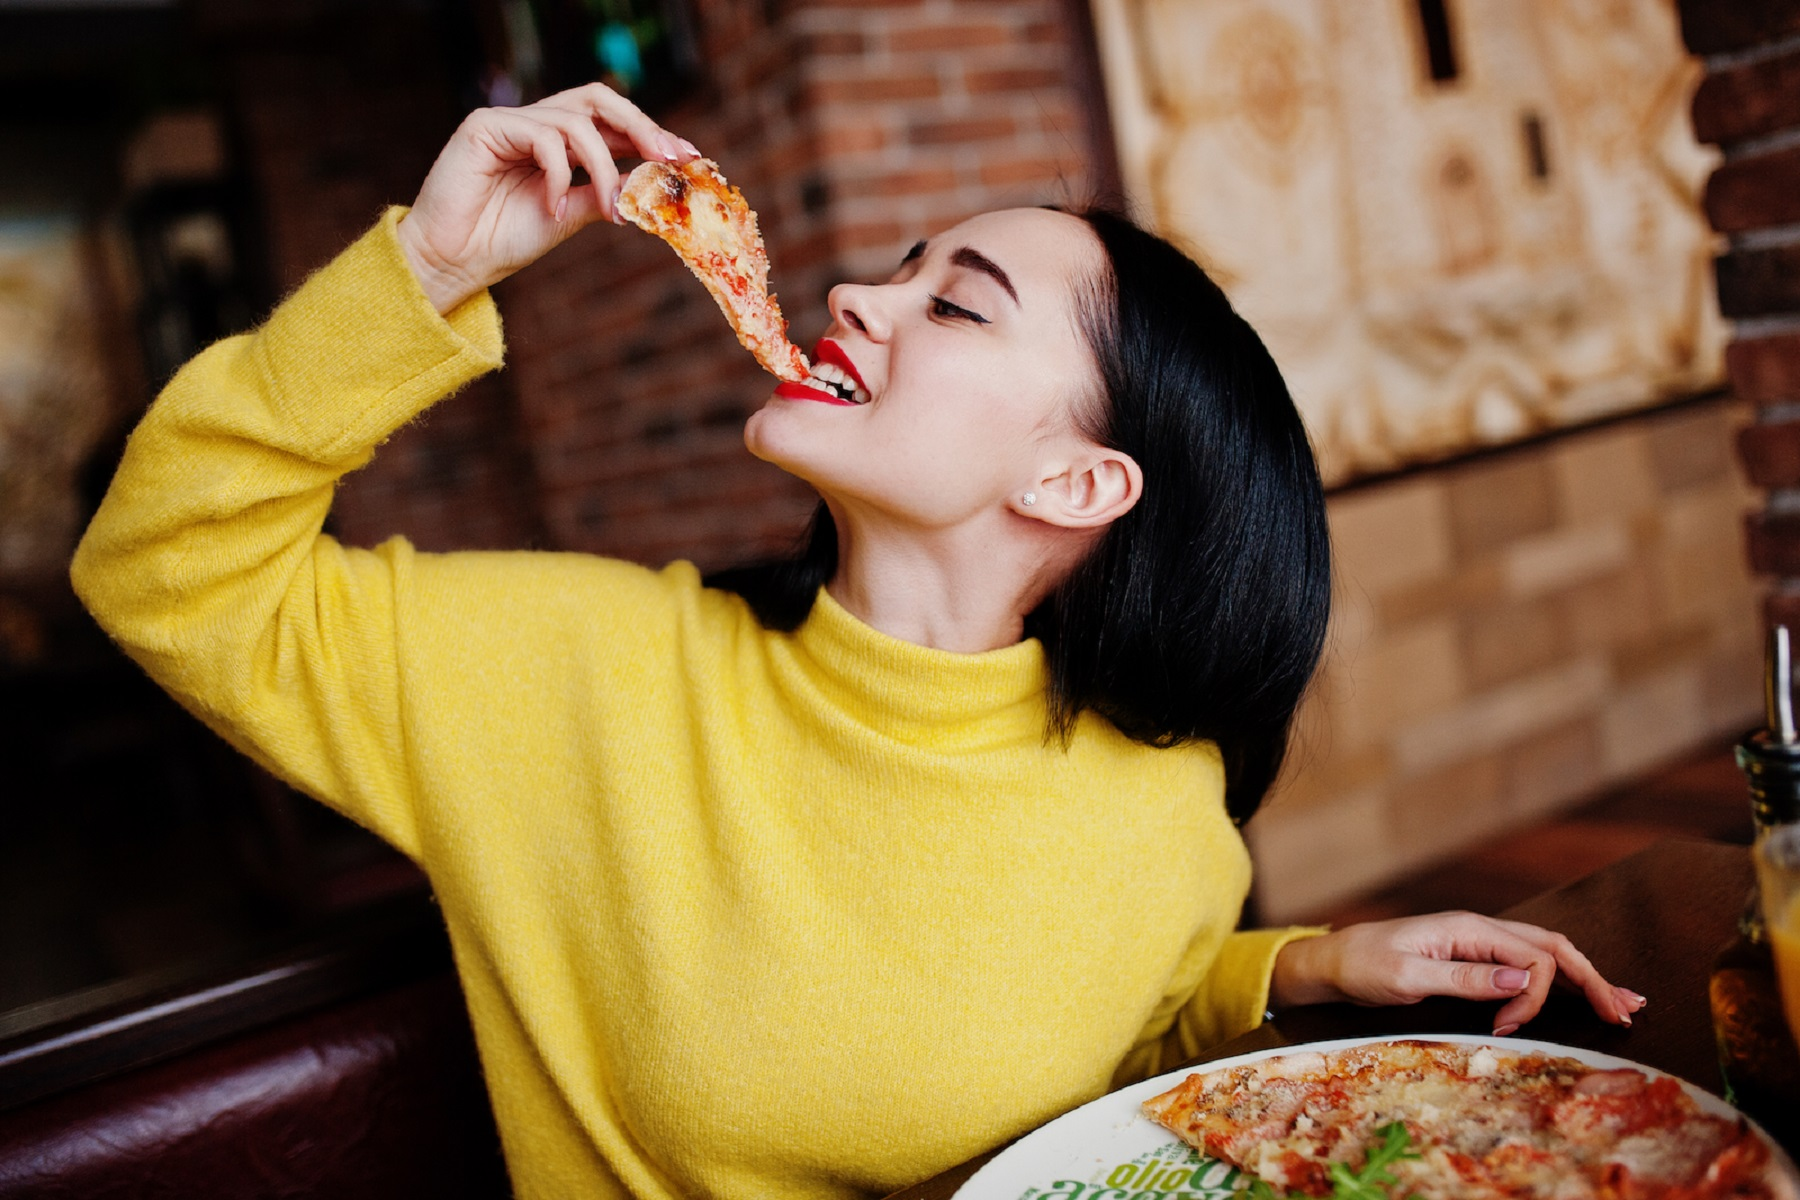 Διακοπή Κάπνισμα: Οδηγεί στην κατανάλωση περισσότερου πρόχειρου φαγητού & στην αύξηση βάρους